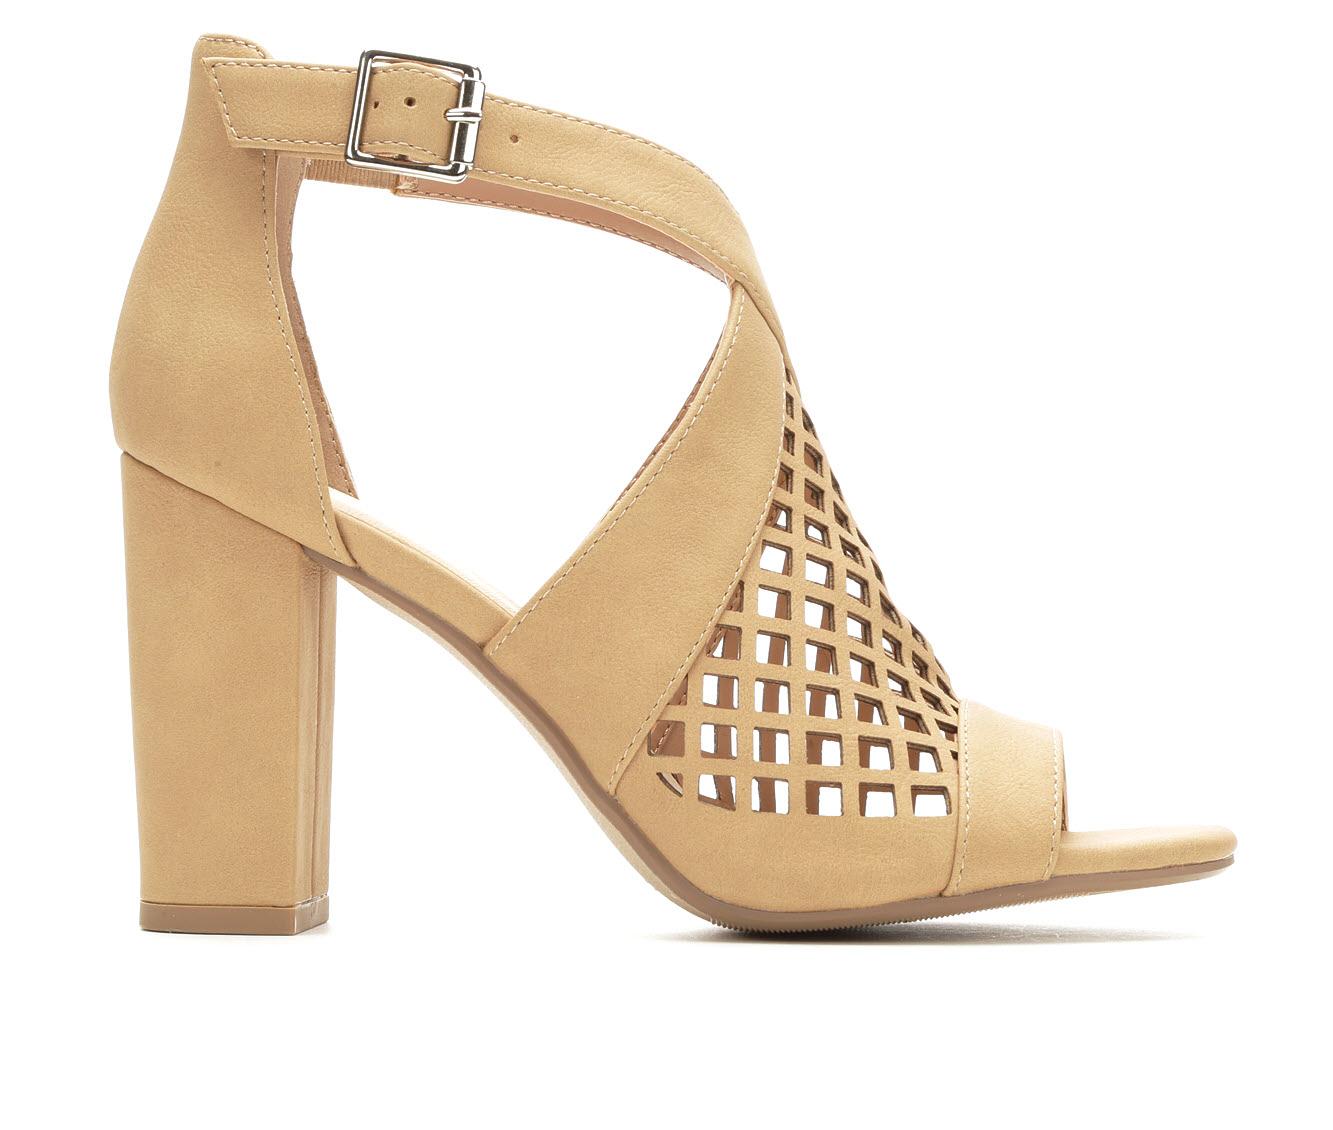 Y-Not Beehive Women's Dress Shoe (Beige Faux Leather)